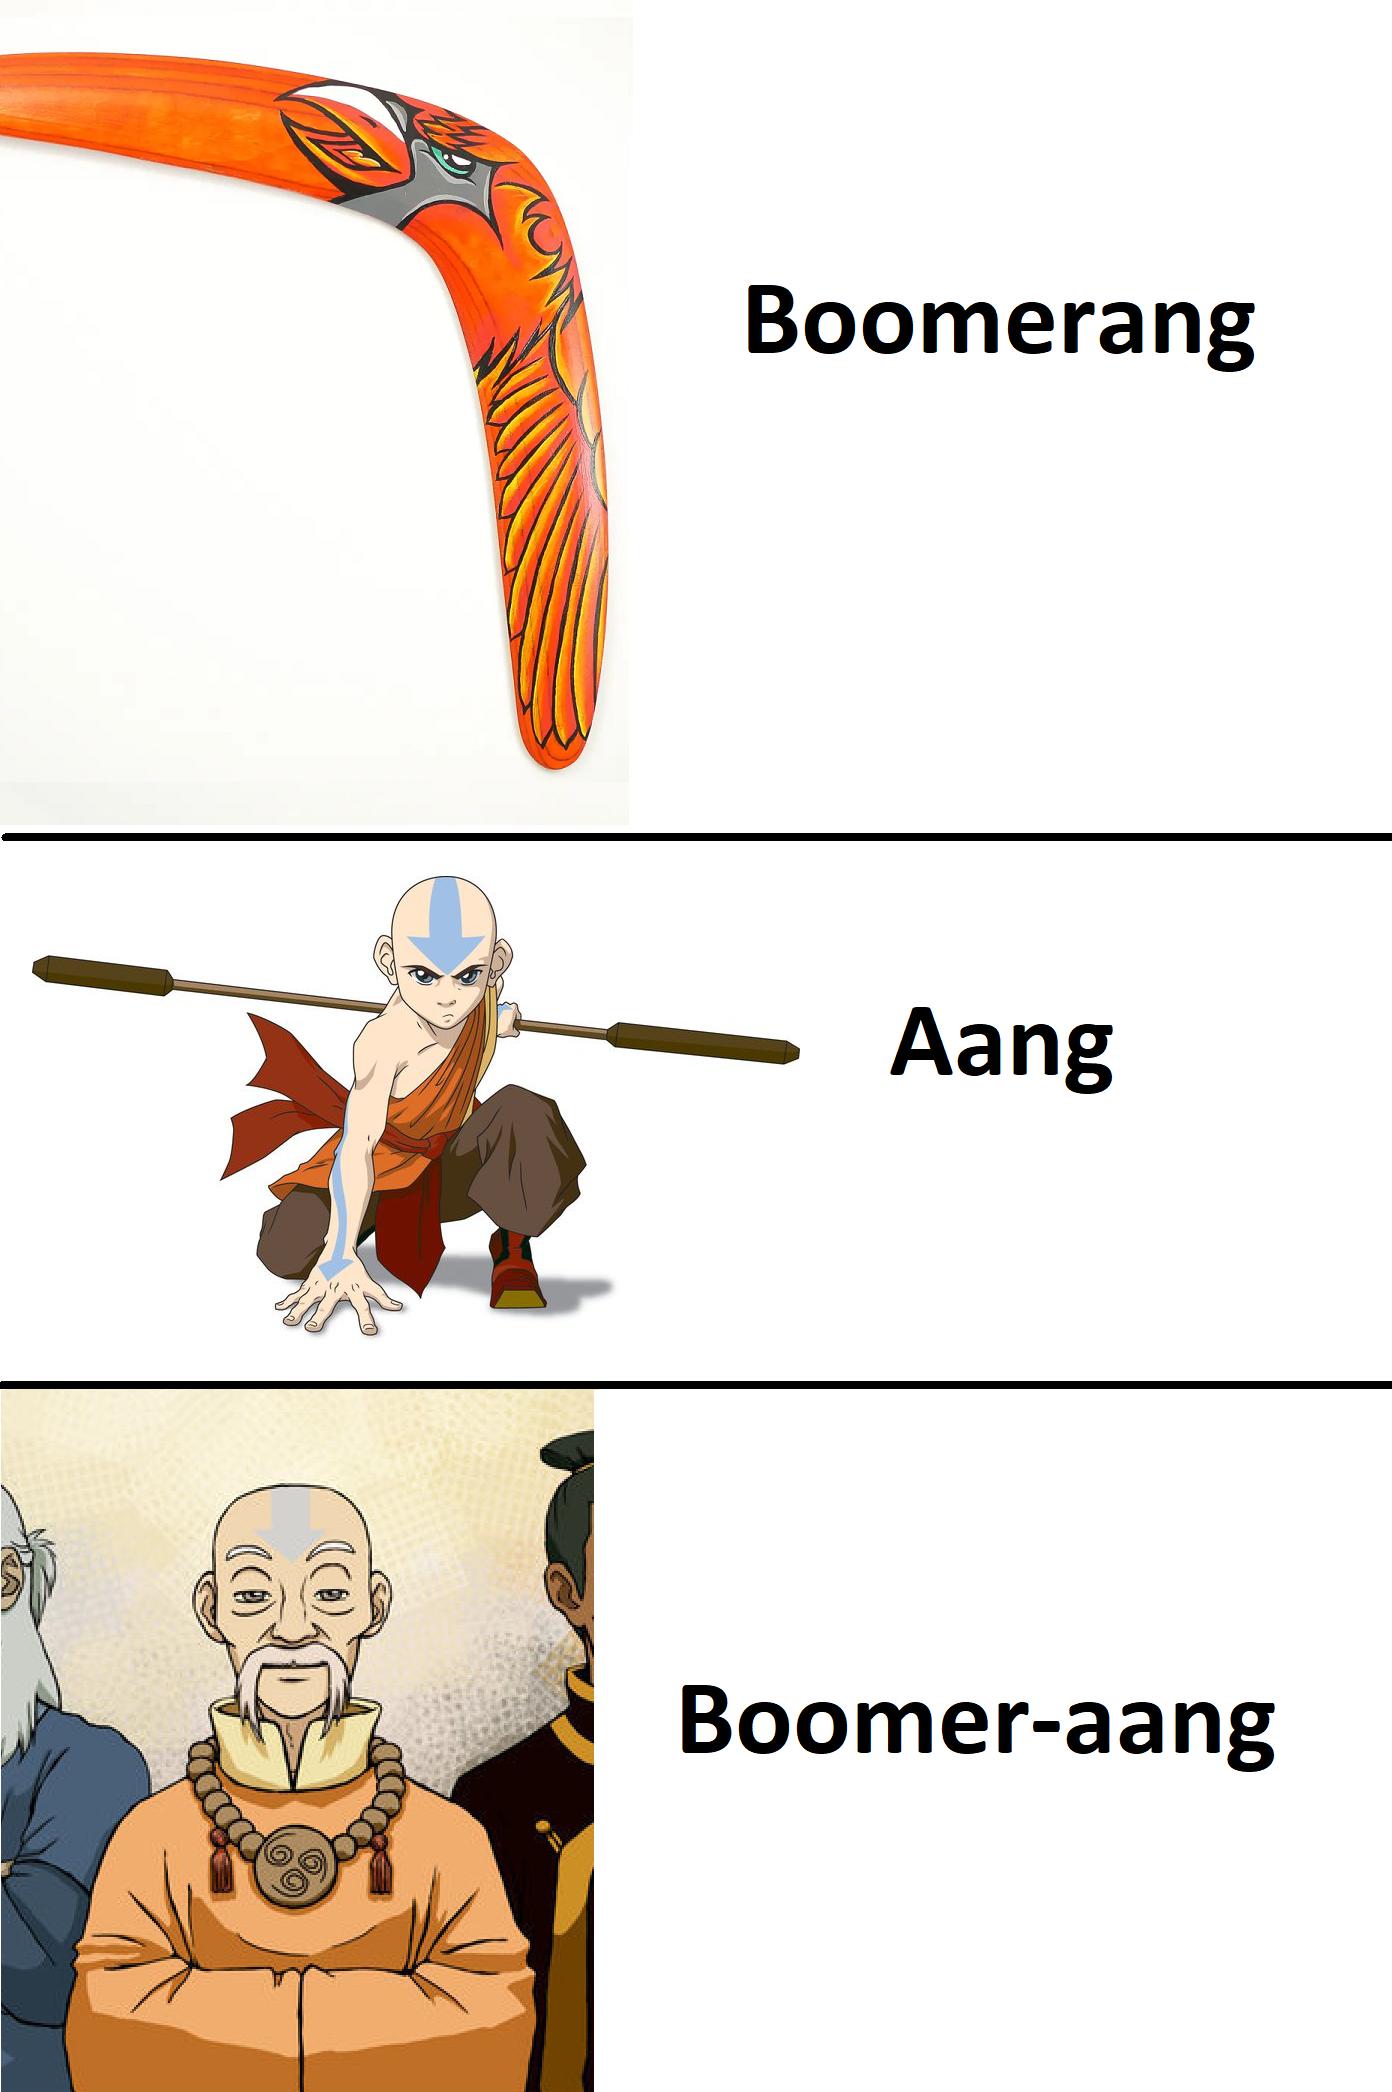 Avatar Is An Anime Meme Memes Funny Lol Anime Avatar Funny Legend Of Korra Memes Funny Lol Meme Memes In 2020 Avatar Funny Avatar Airbender Atla Memes